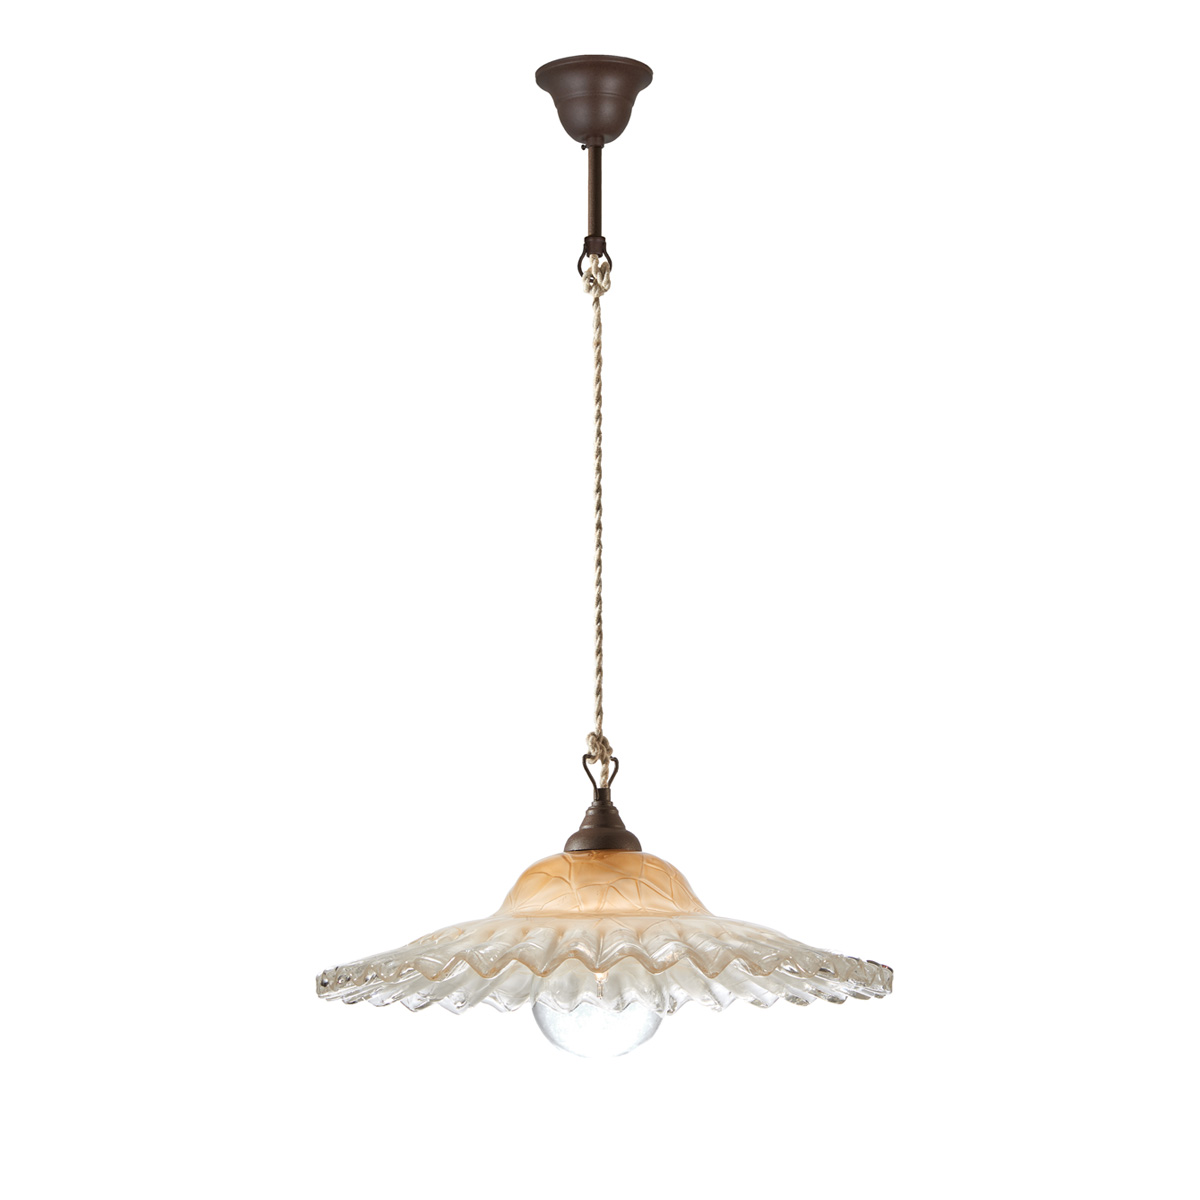 Παραδοσιακό κρεμαστό φωτιστικό ΣΥΡΟΣ rustic suspension lamp